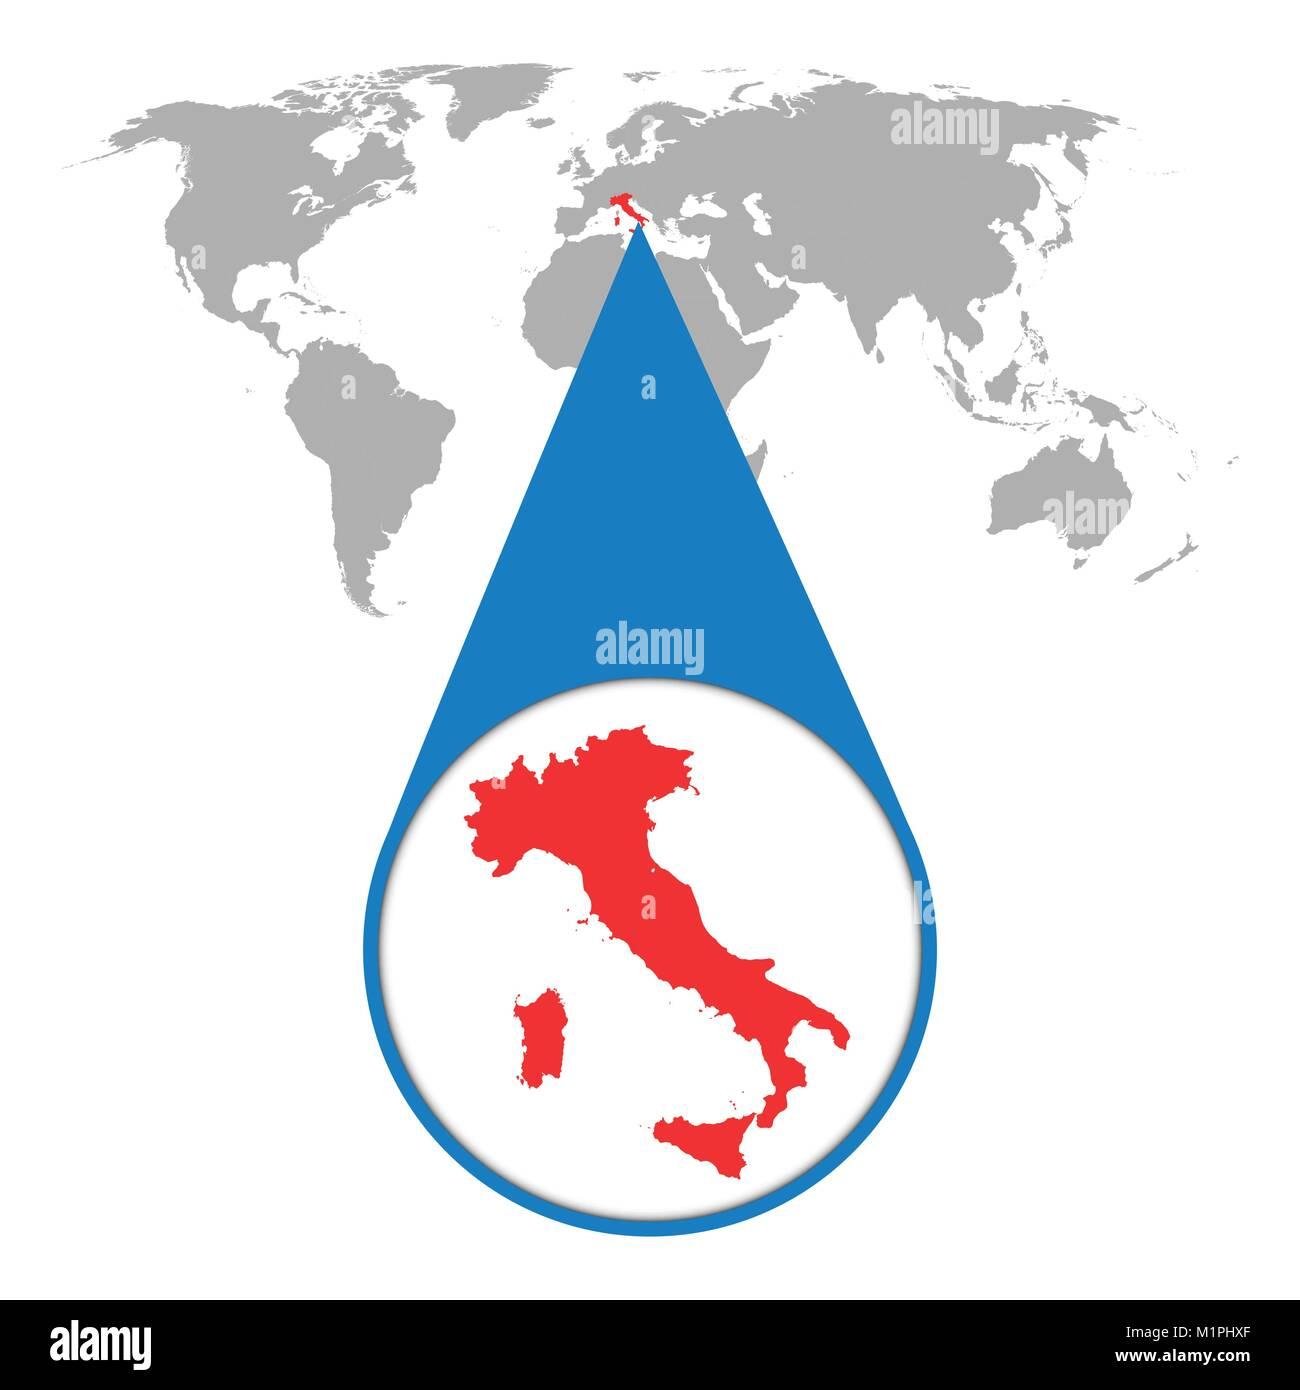 Cartina Politica Italia Zoom.Mappa Del Mondo Con Lo Zoom Sull Italia Mappa Nella Lente Di Ingrandimento Illustrazione Vettoriale In Stile Piatto Immagine E Vettoriale Alamy